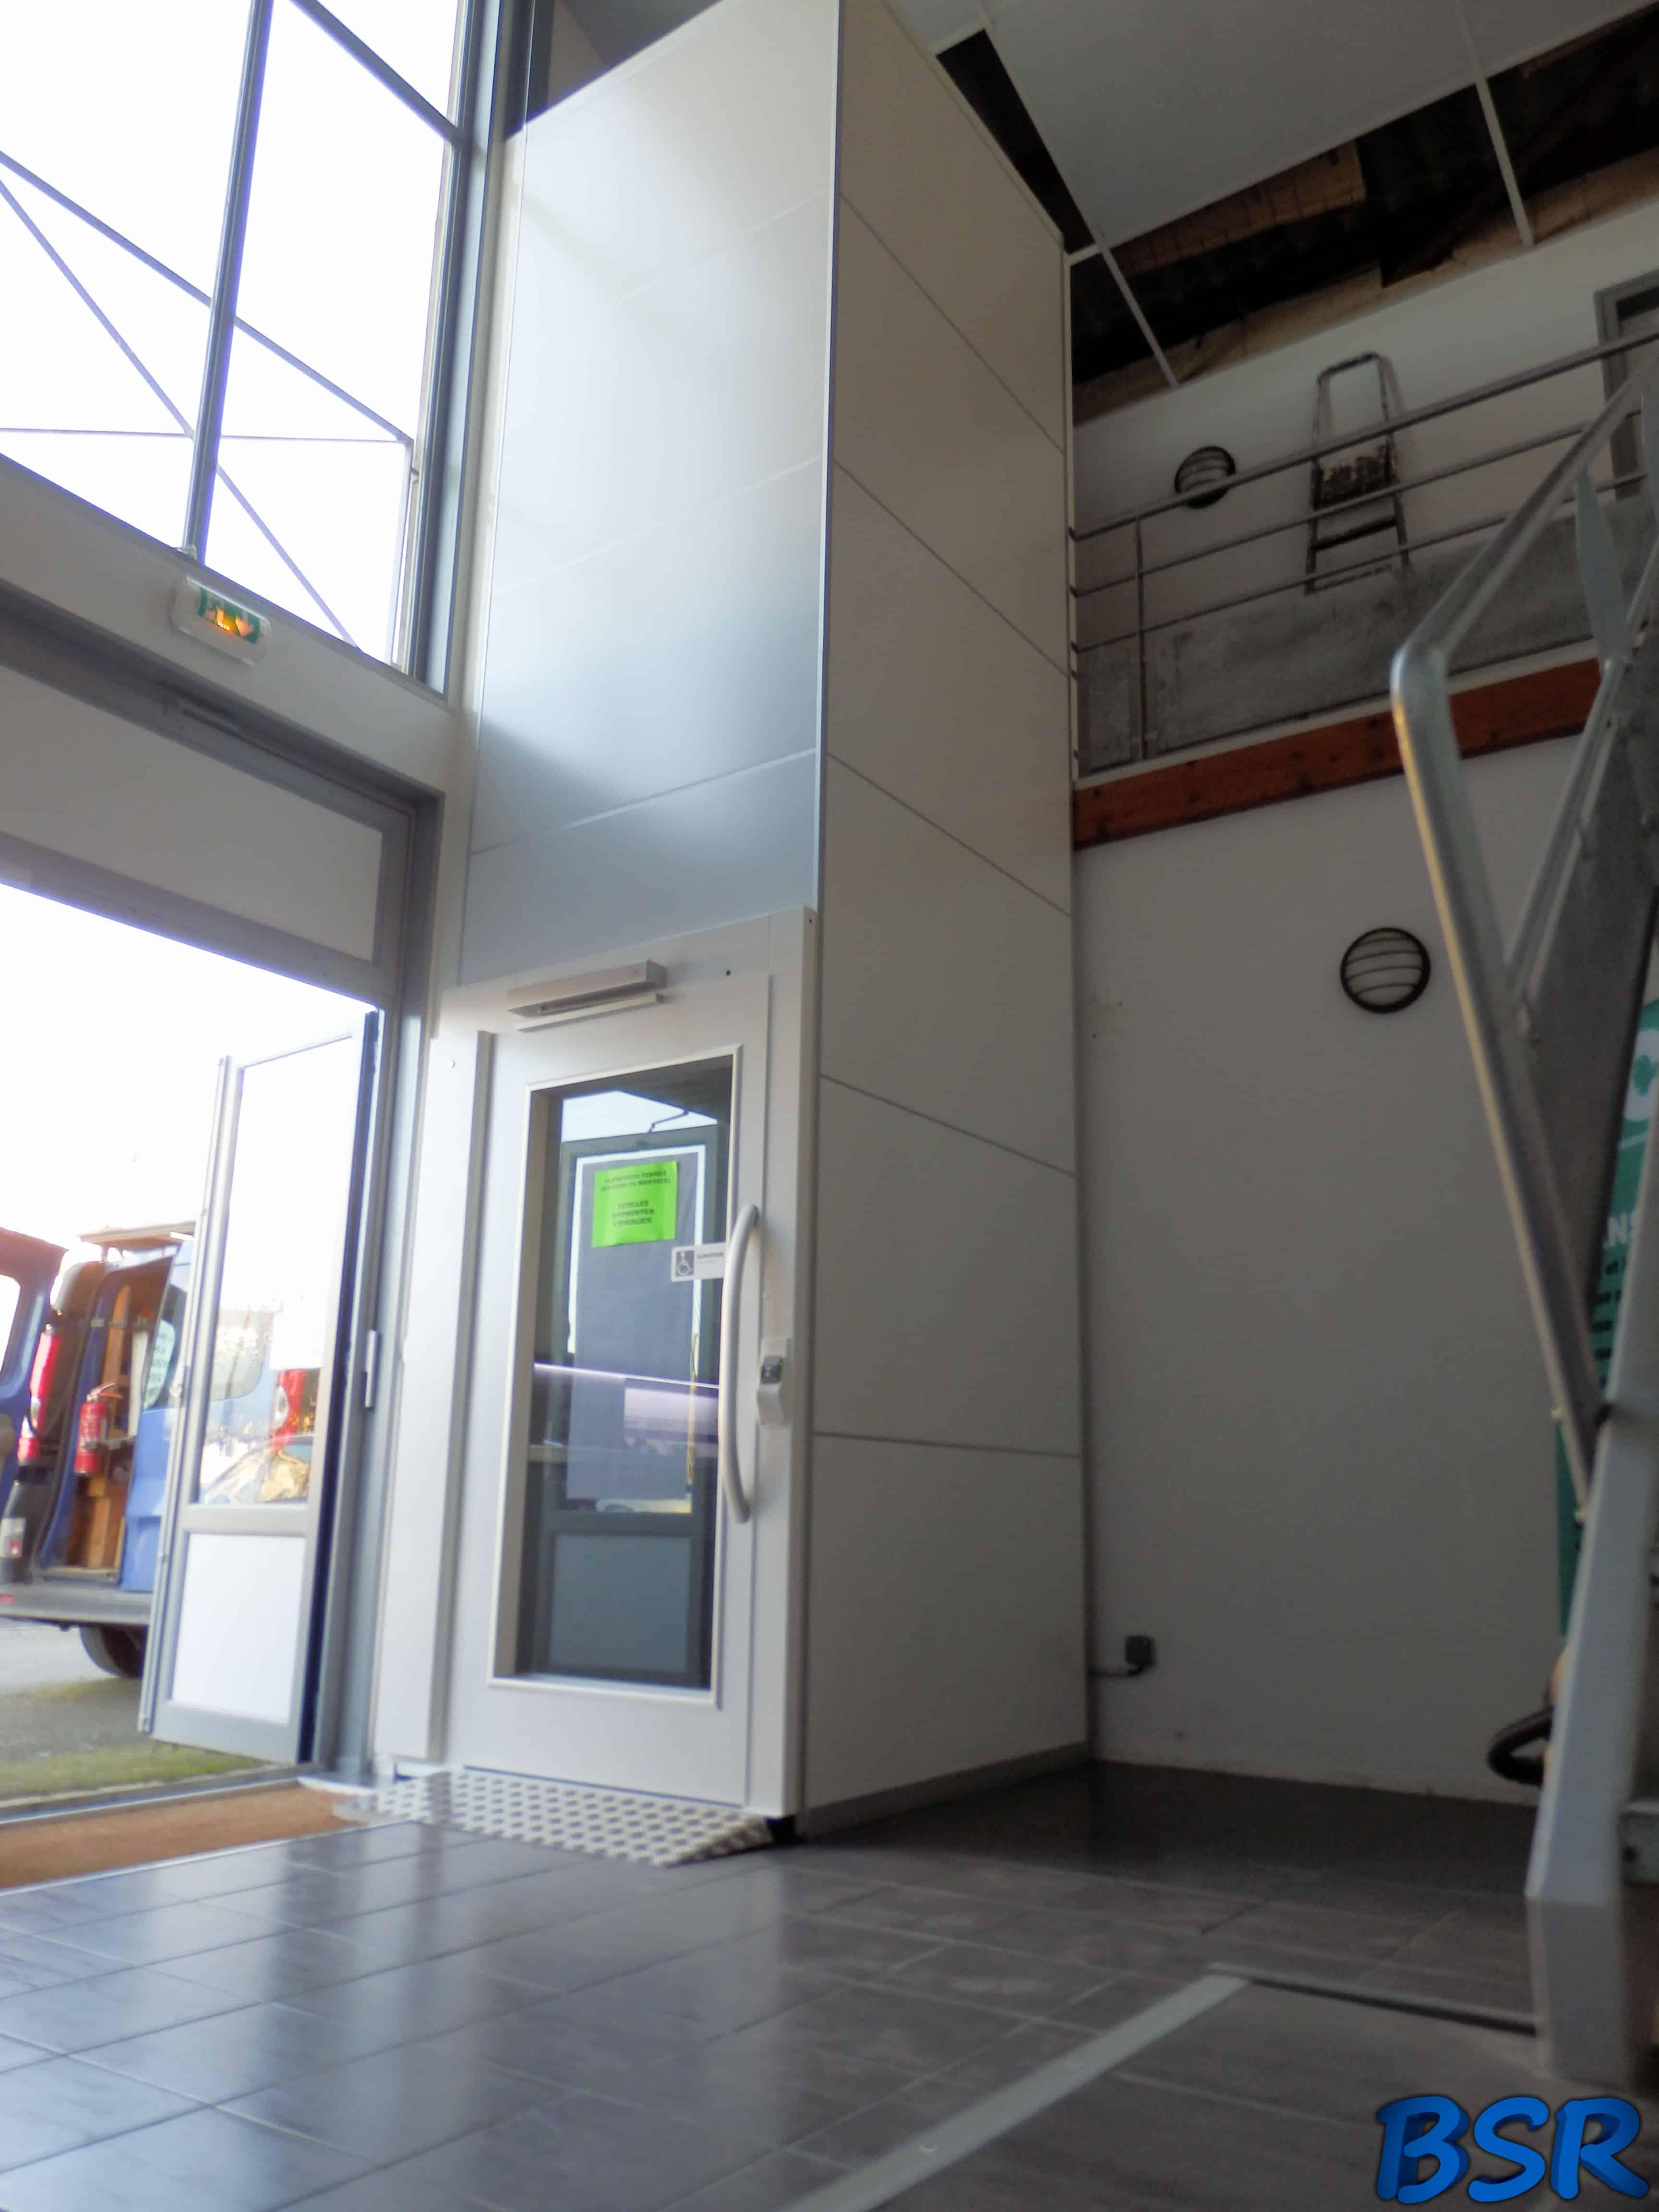 Platforme Elevatrice BSR 013